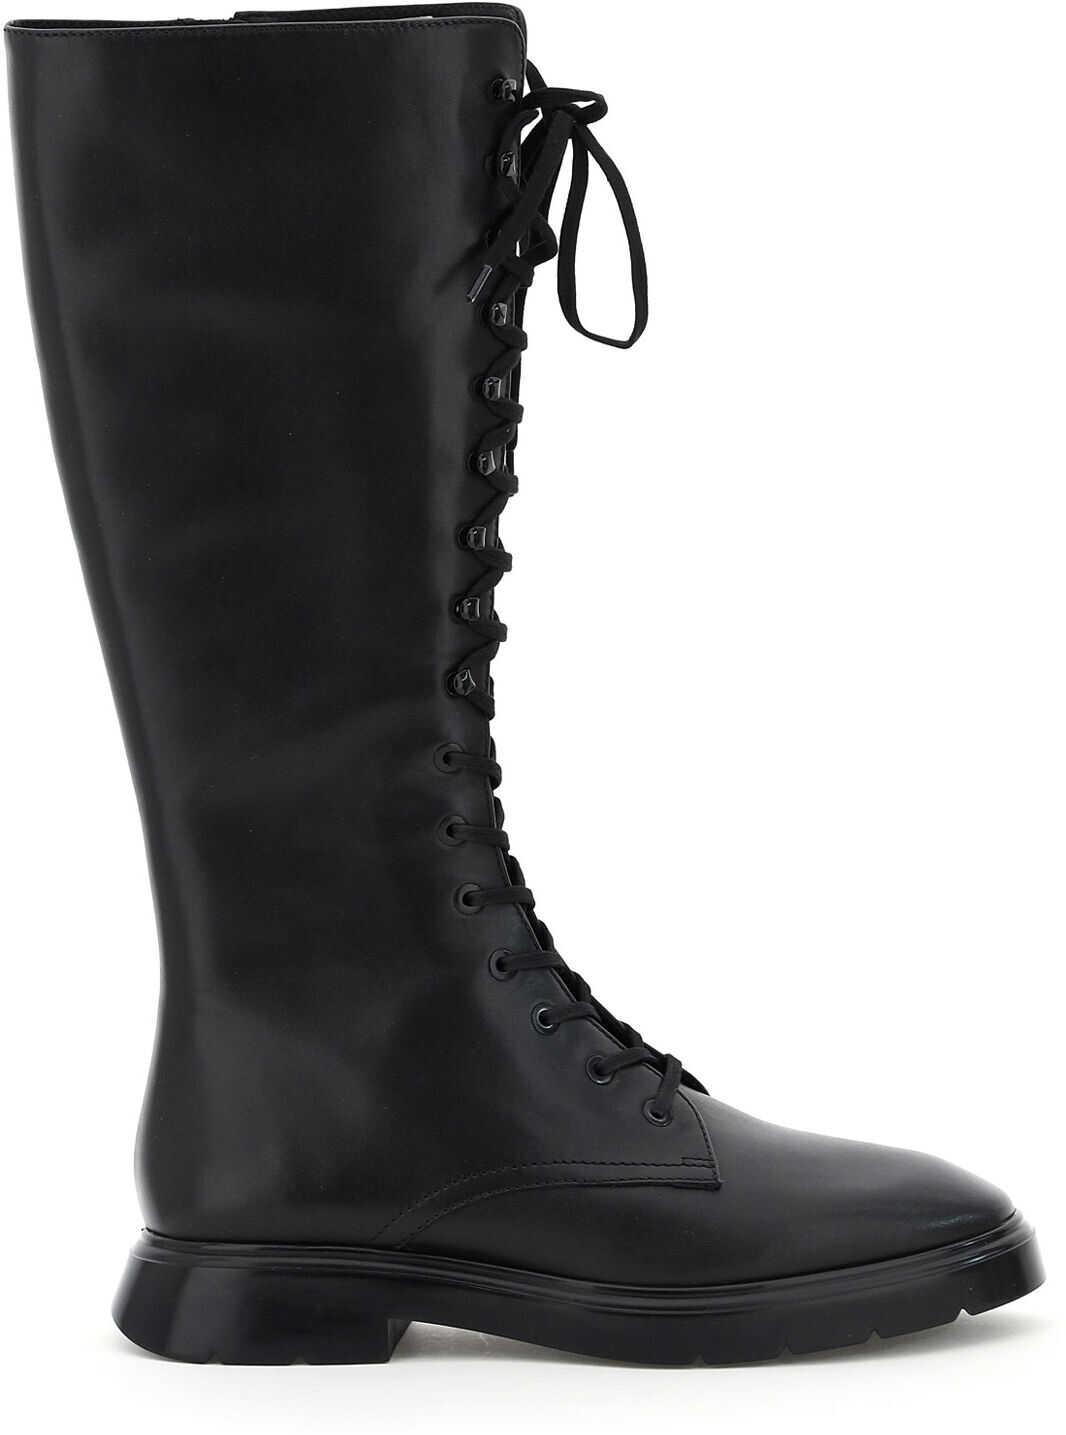 Stuart Weitzman Mckenzee Tall Leather Boots MC KENZIE TALL BLACK imagine b-mall.ro